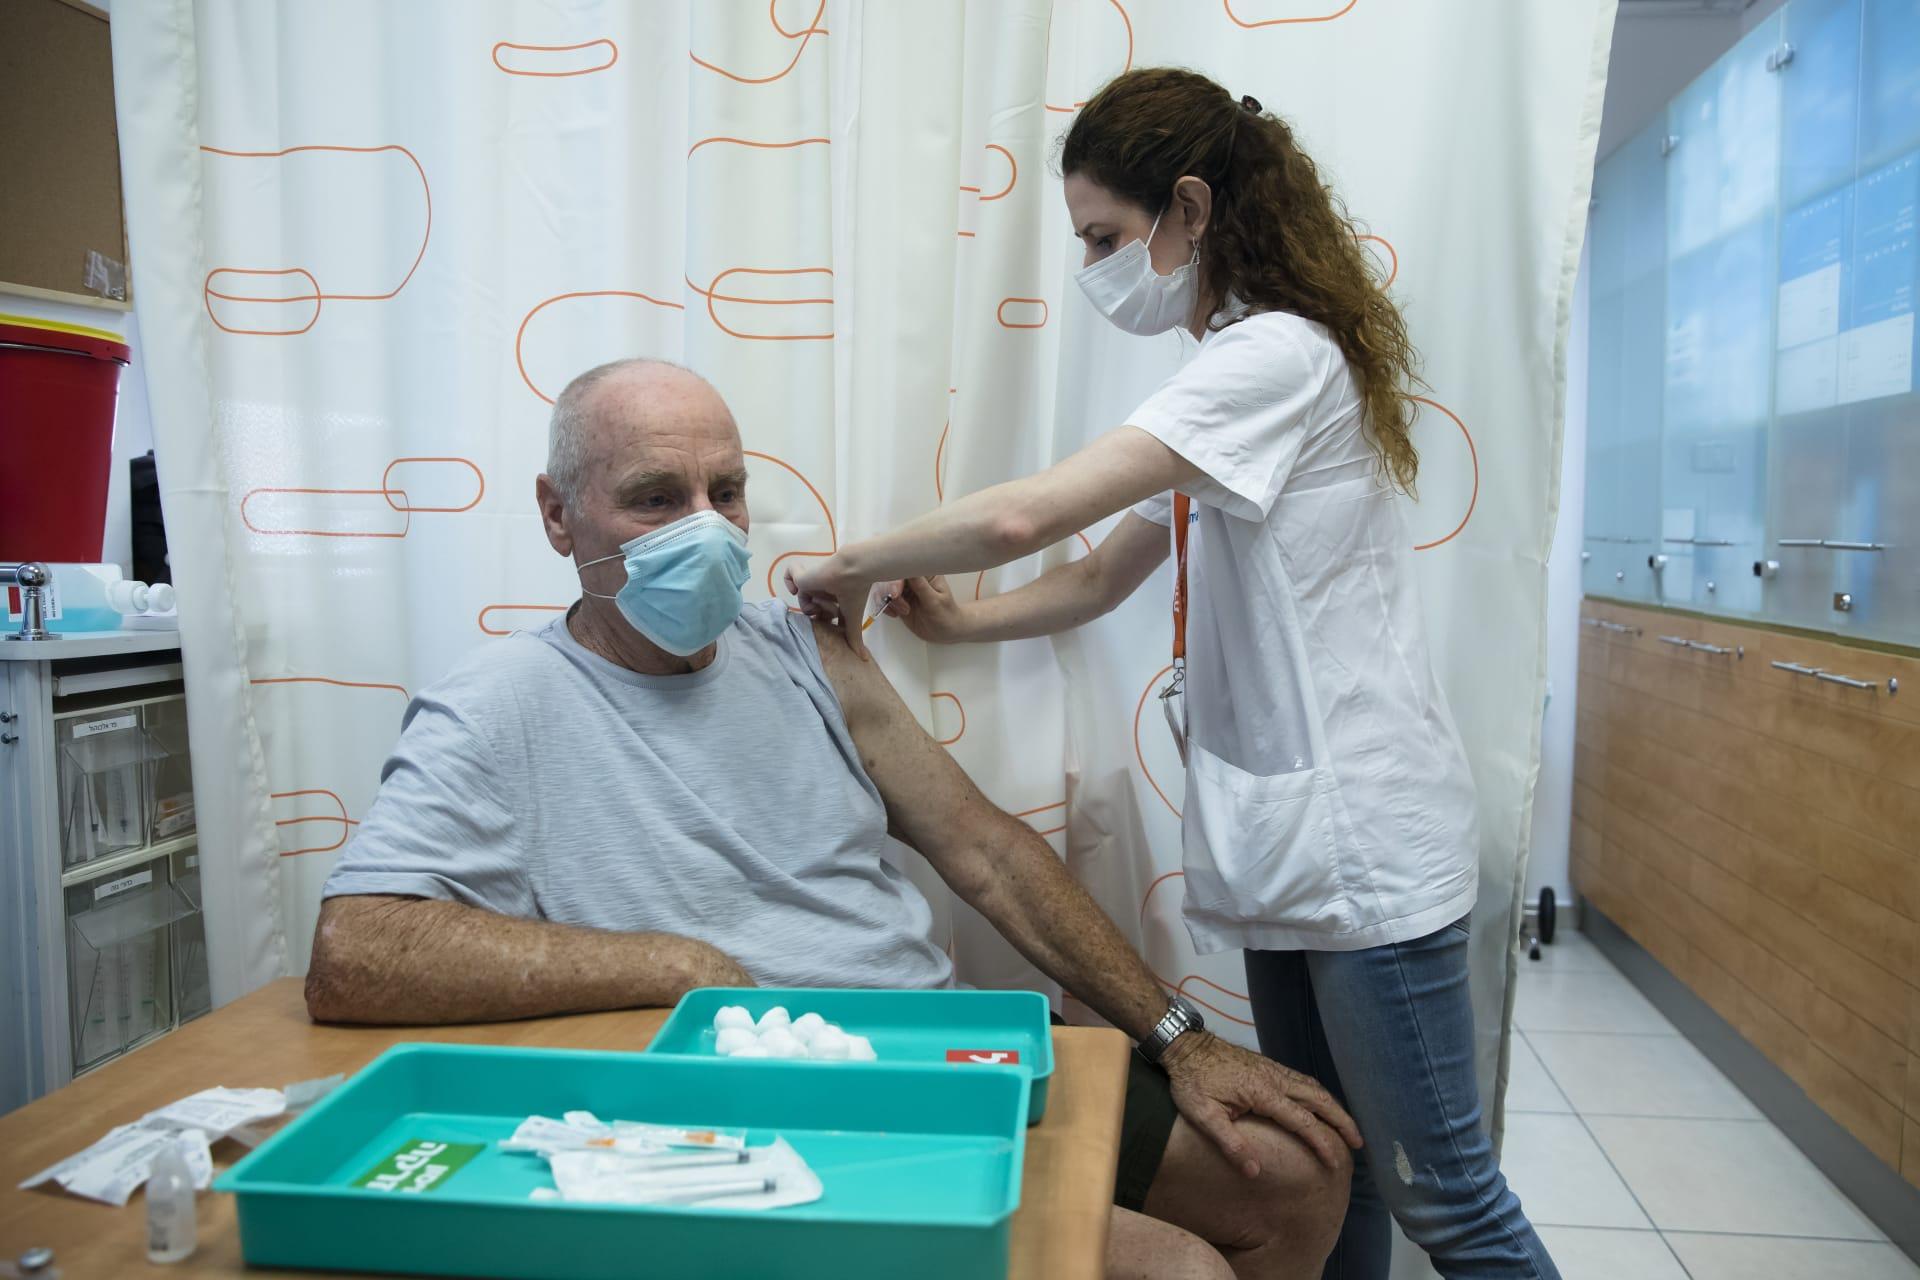 إسرائيل تشدد قيود كورونا مع ارتفاع الإصابات الجديدة وتضيف أمريكا لقائمة الدول التي تتطلب الحجر الصحي